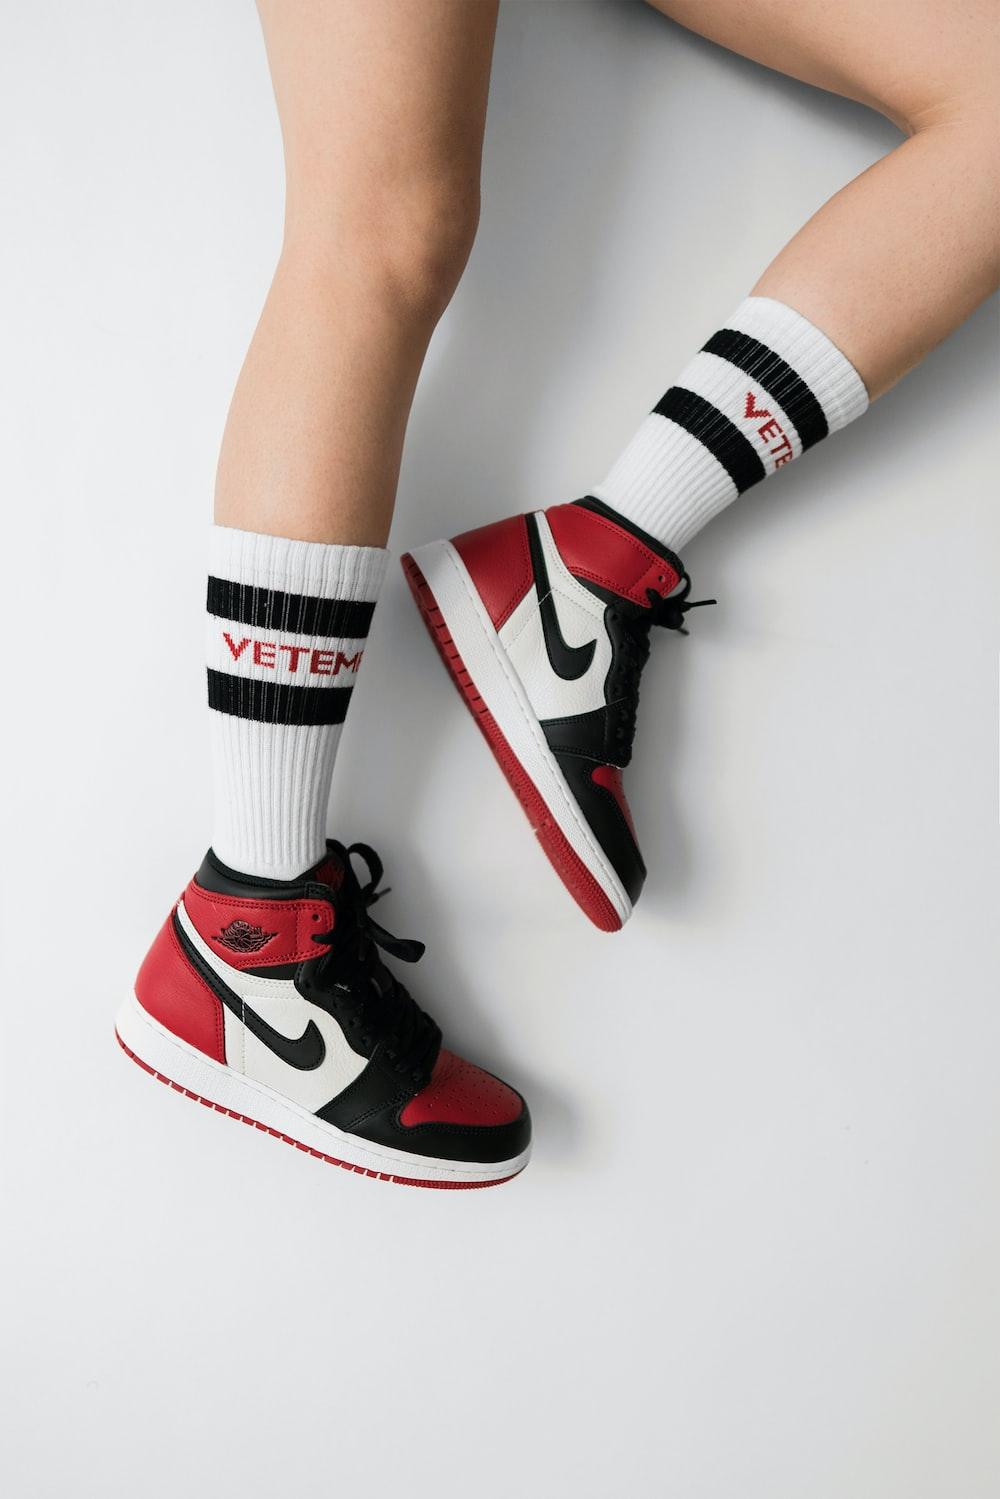 person wearing pair of black toe Air Jordan 1's